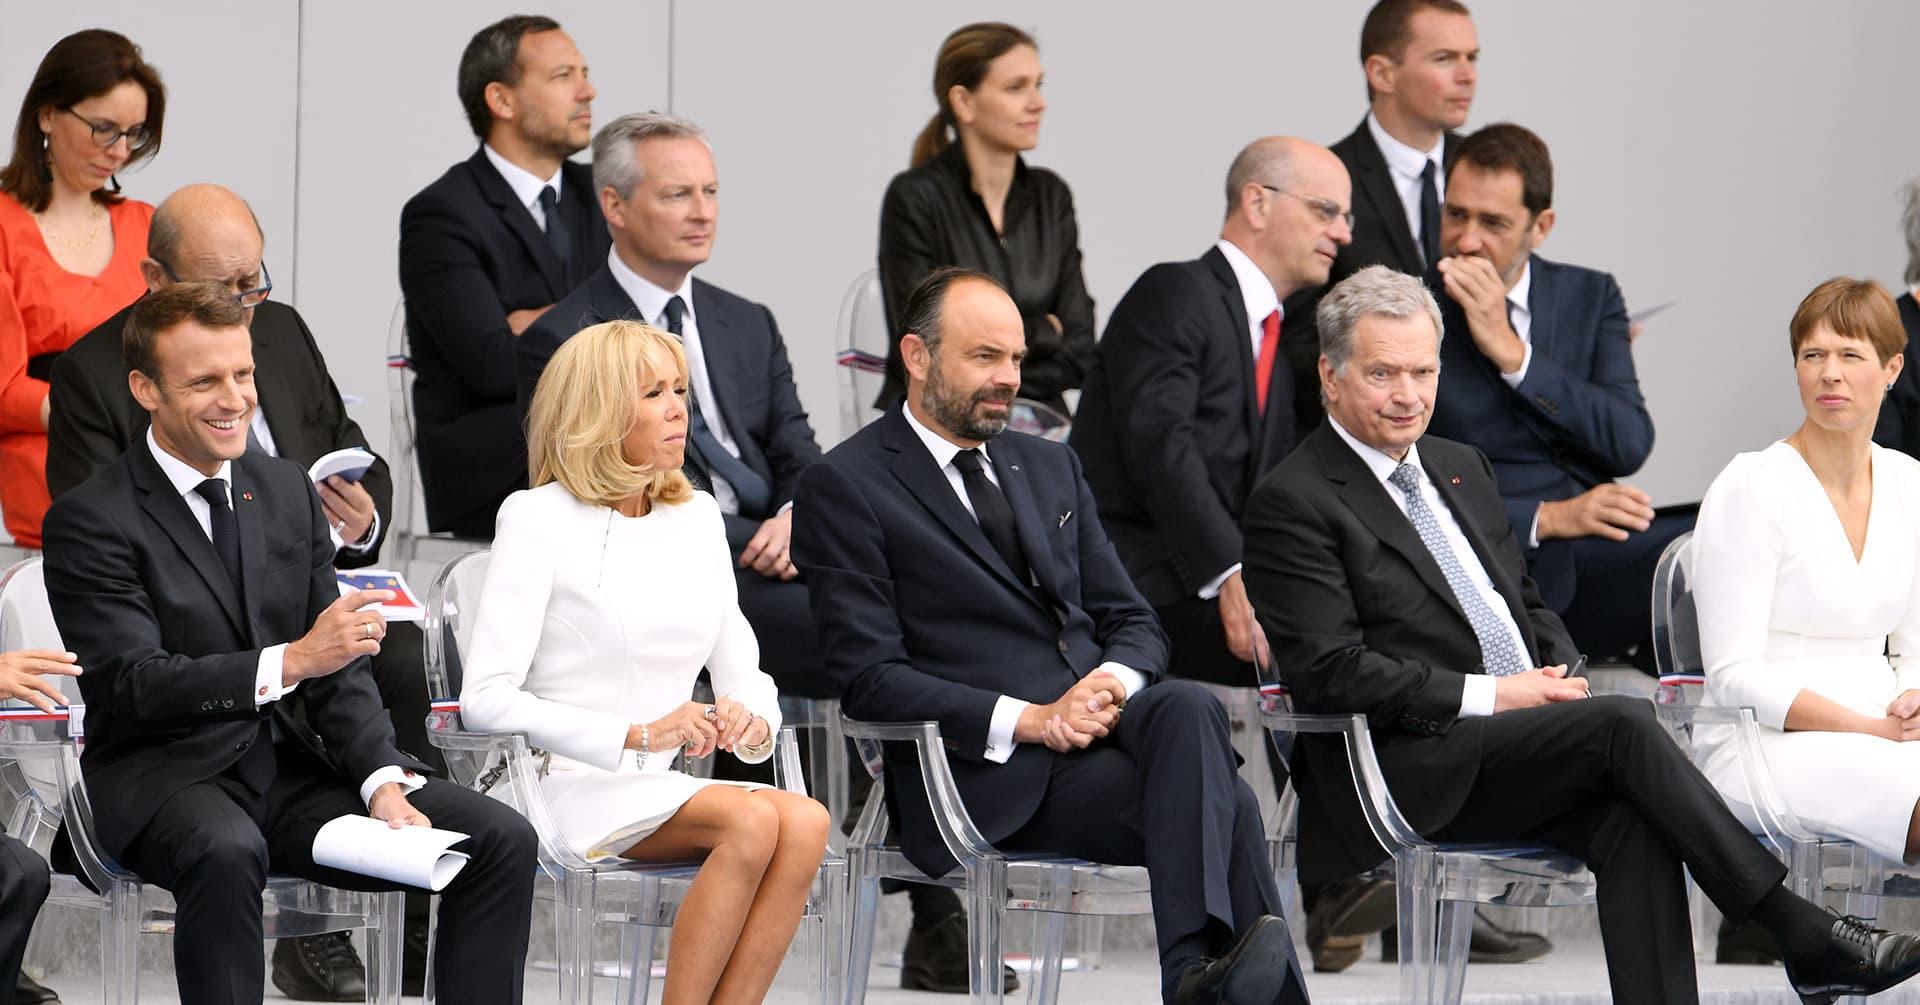 ranskalaiset naiset etsii seksiseuraa norja